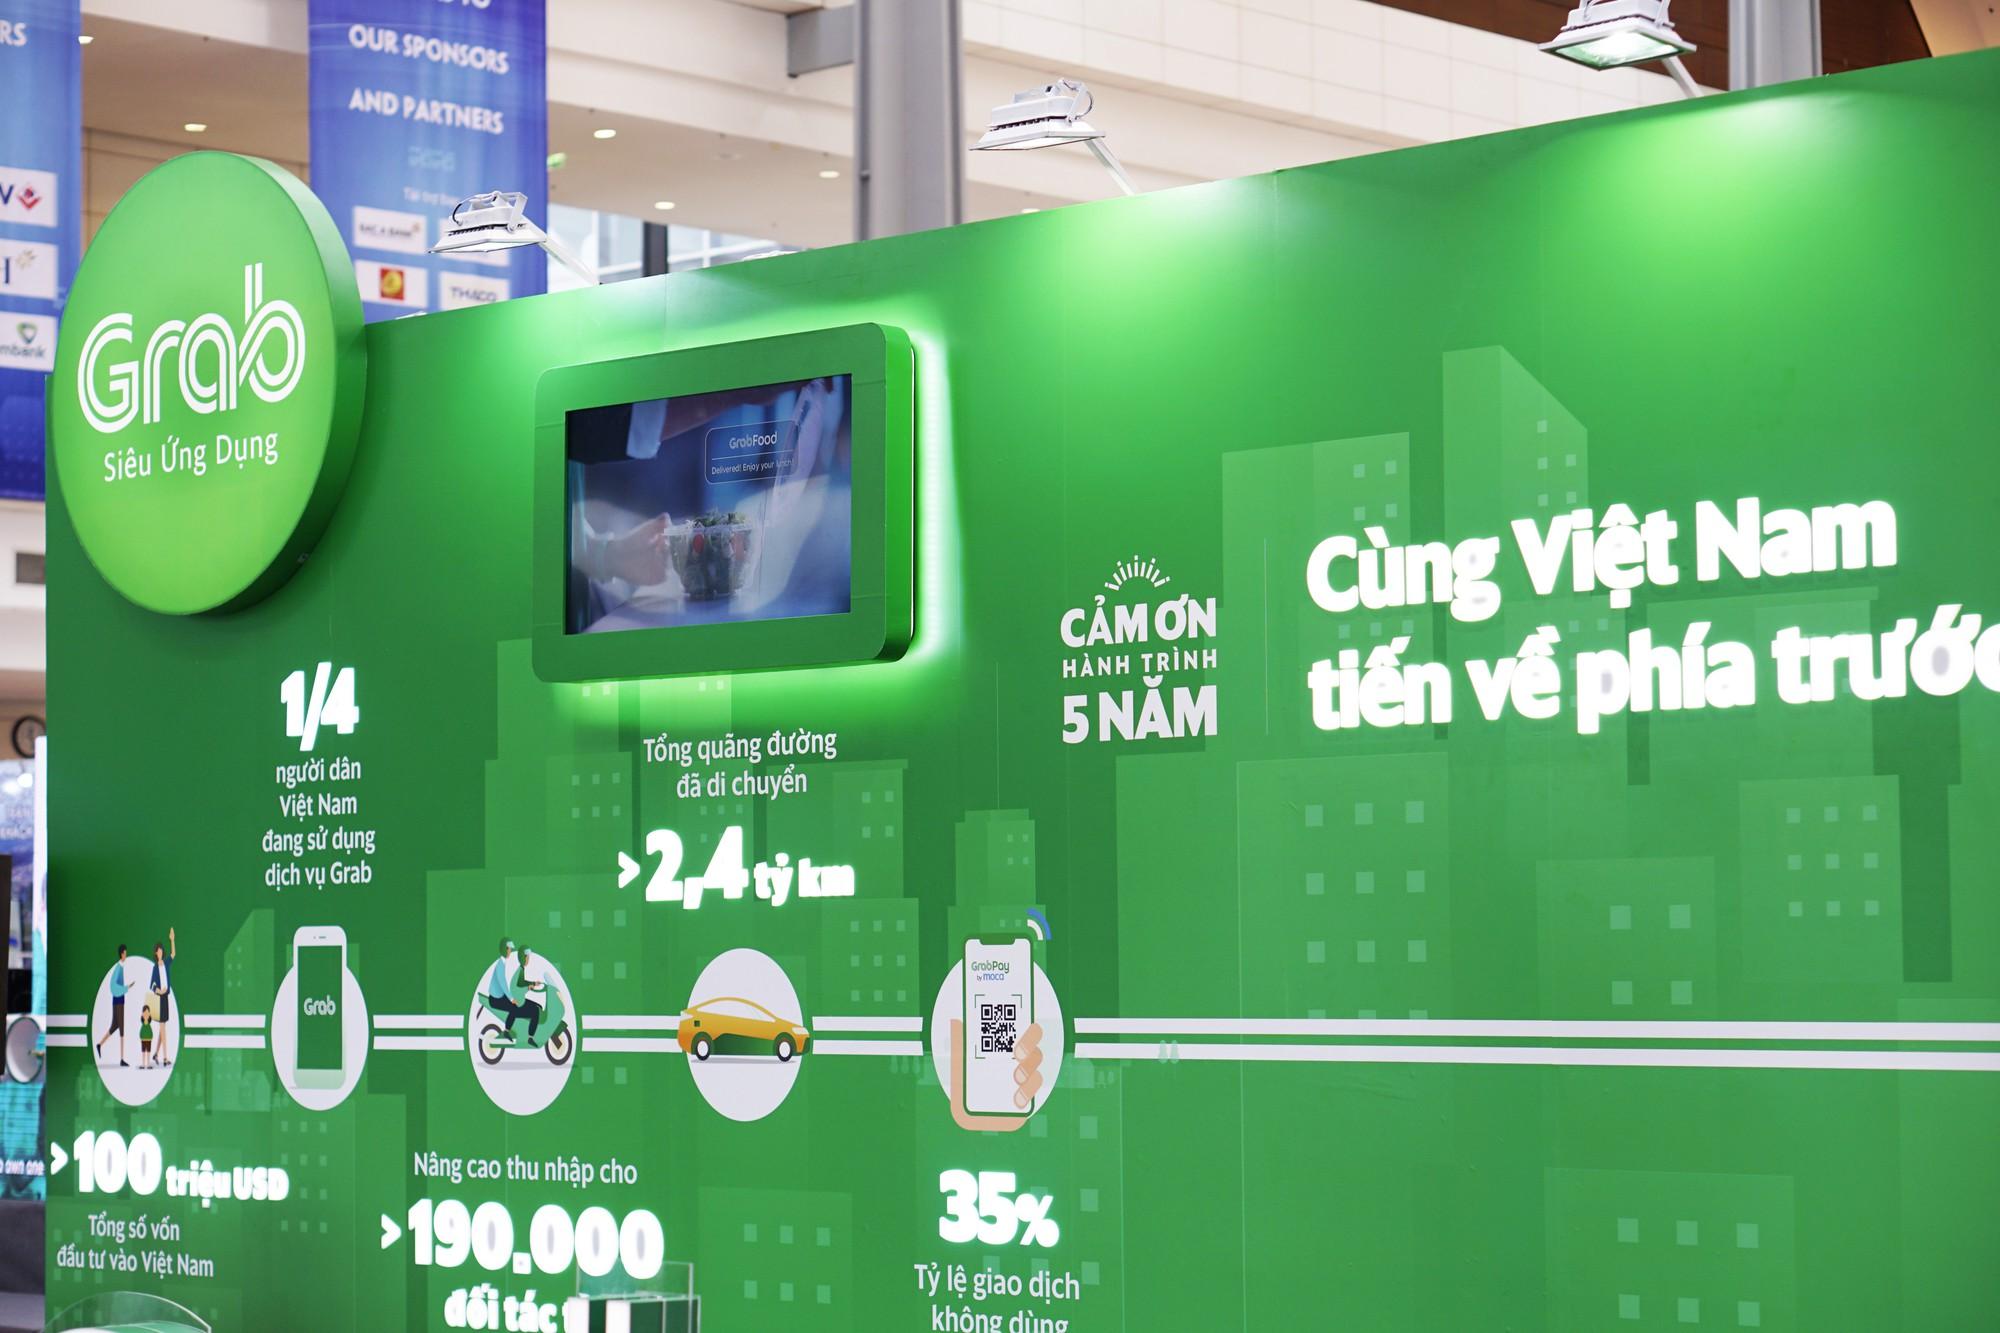 [Chùm ảnh] VinFast, Habeco, Vietcombank ... mang con cưng đến triển lãm thành tựu kinh tế tư nhân - Ảnh 8.